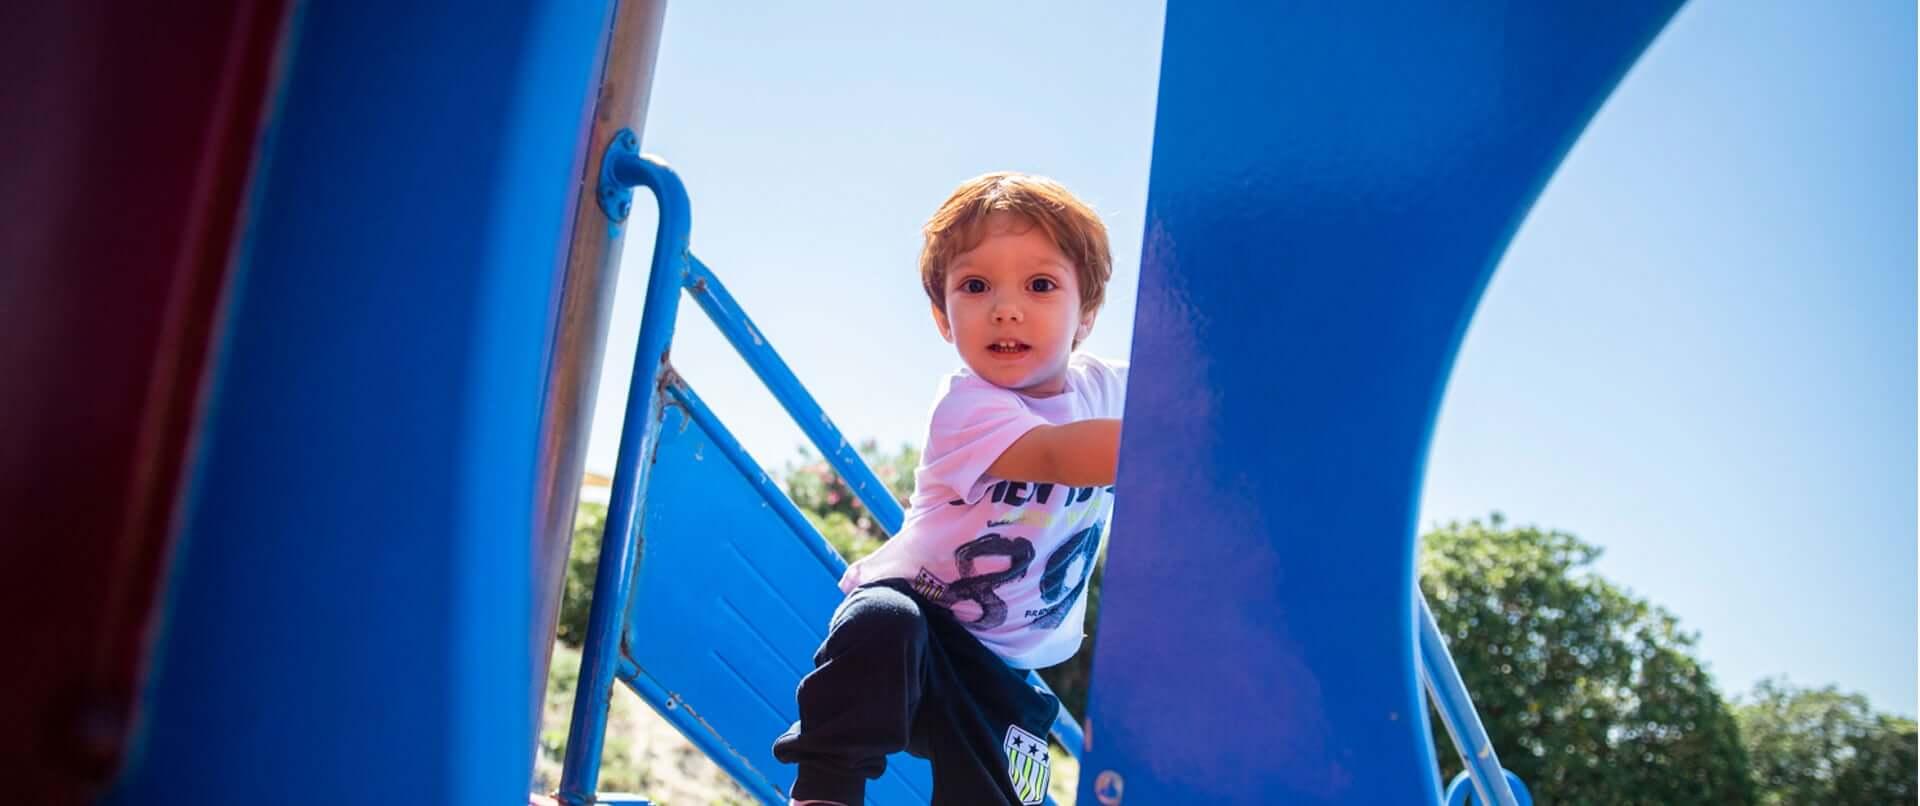 Bambino si diverte sullo scivolo